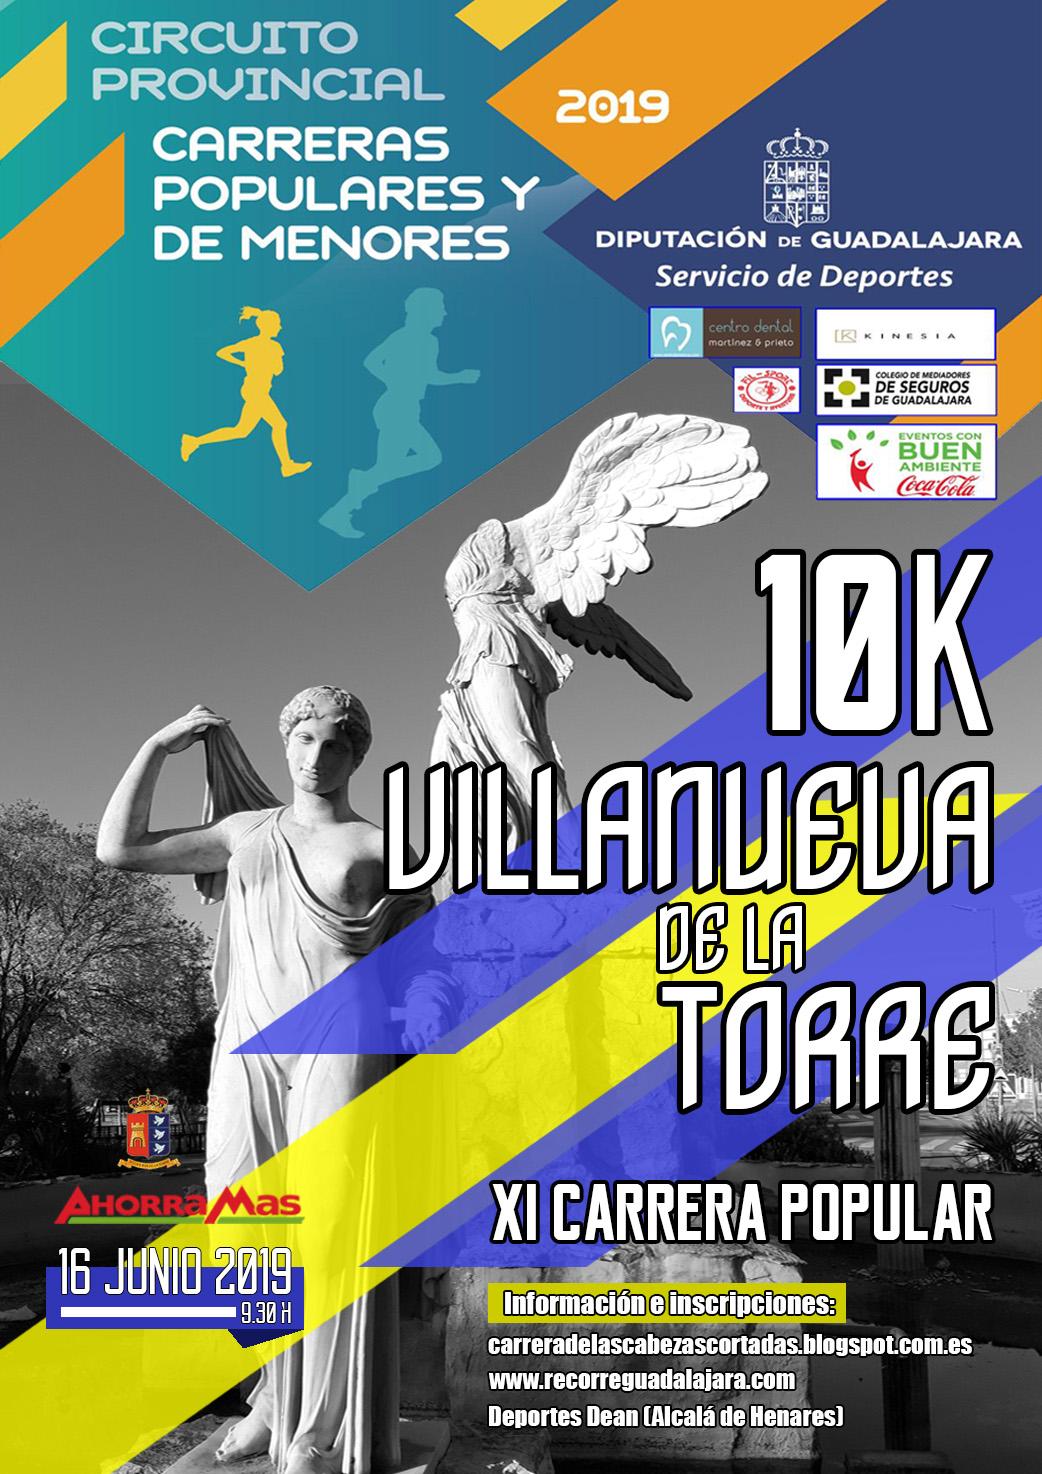 XI Carrera Popular Villanueva de La Torre